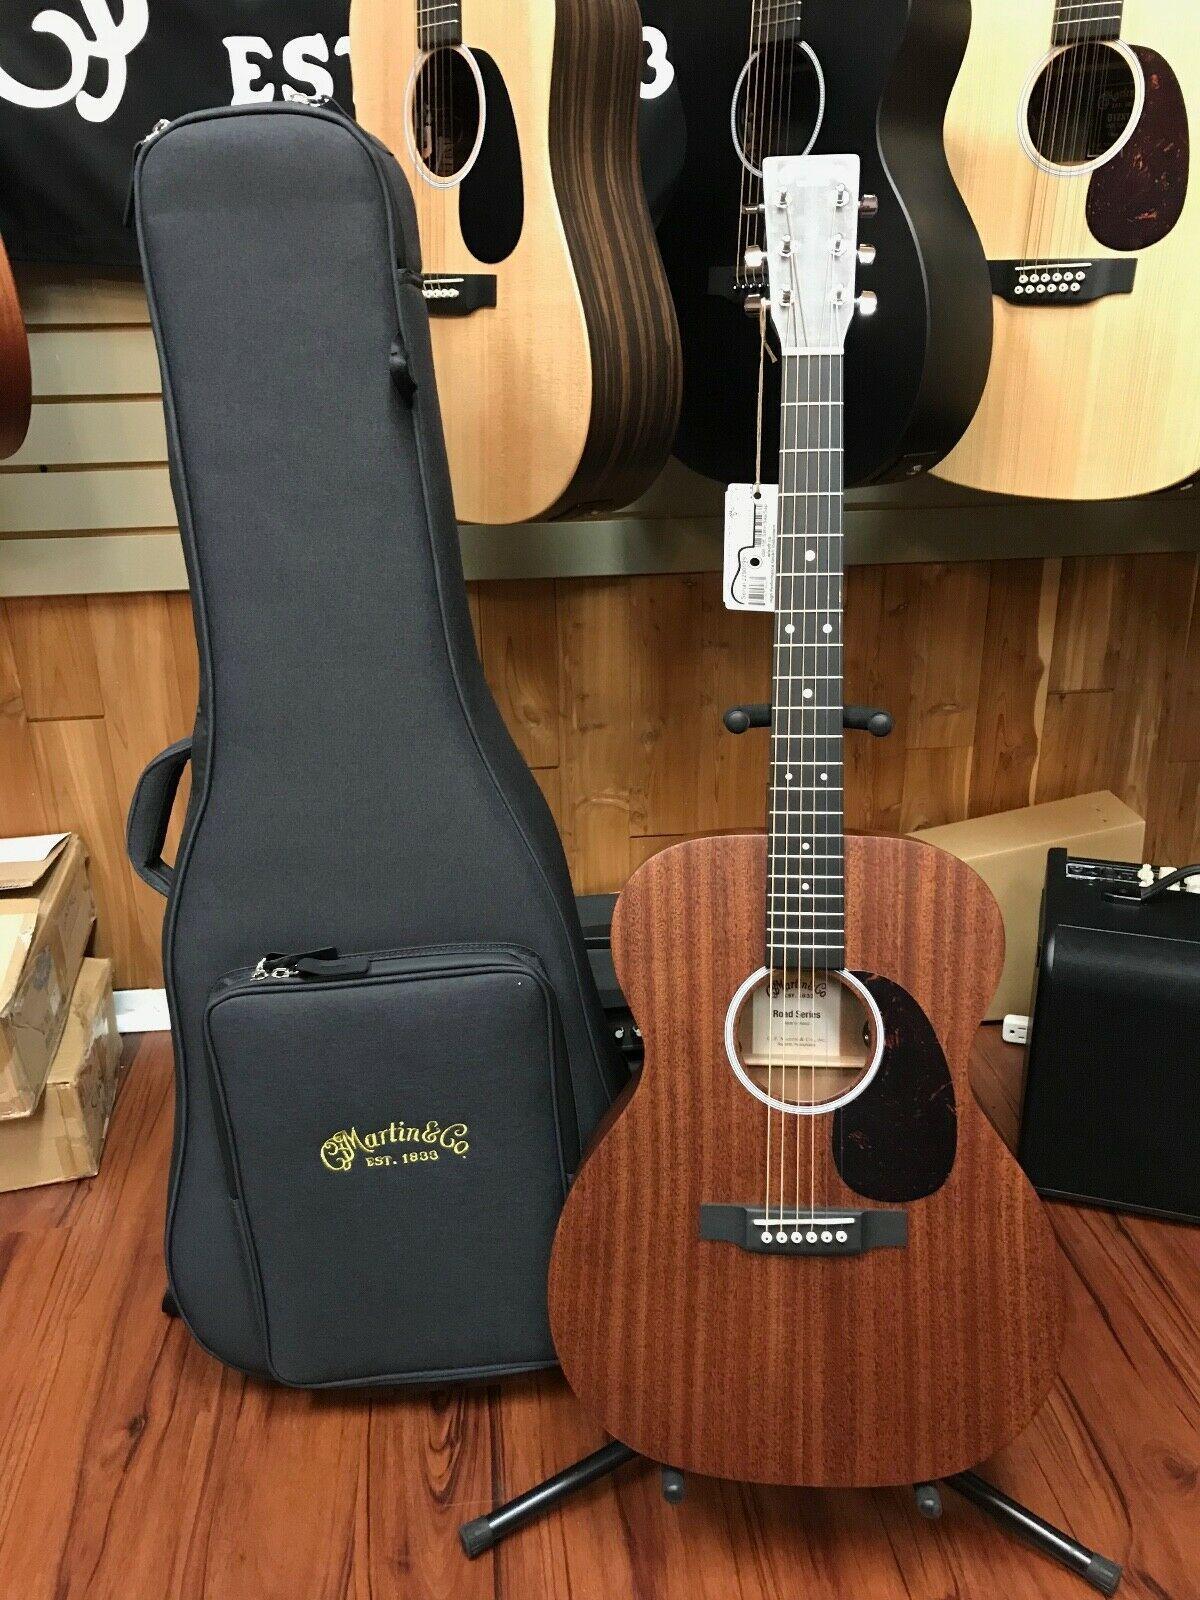 Martin 000 10e Sapele Road Series Acoustic Electric Guitar W Soft Bag New In 2020 Acoustic Electric Guitar Guitar Martin Acoustic Guitar